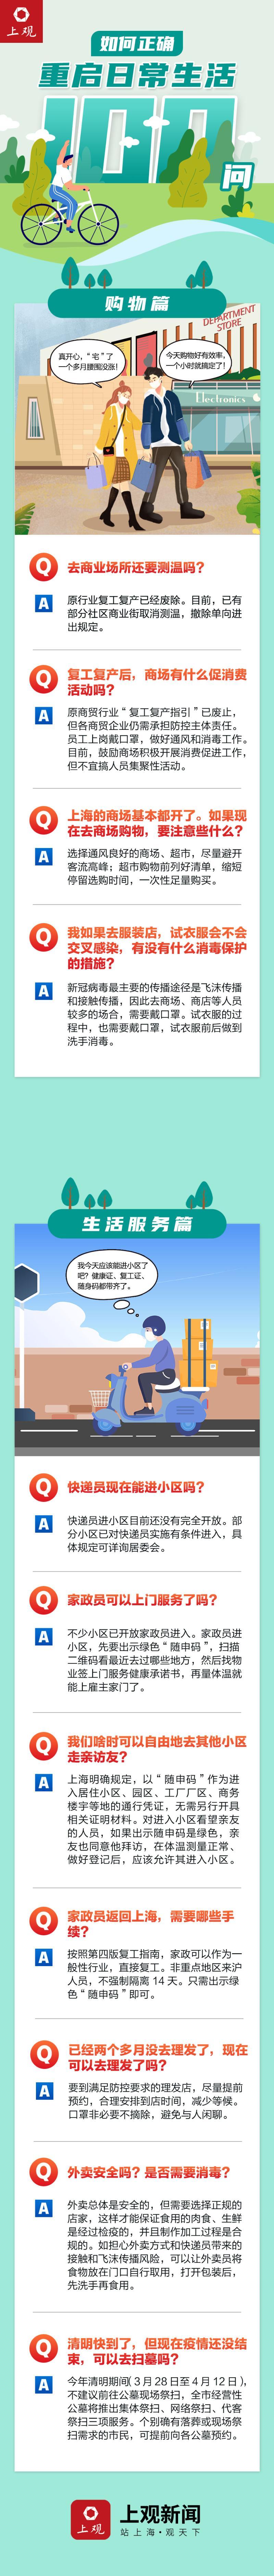 """【""""绘""""生活】""""剁手党""""如何安全购物收快递"""